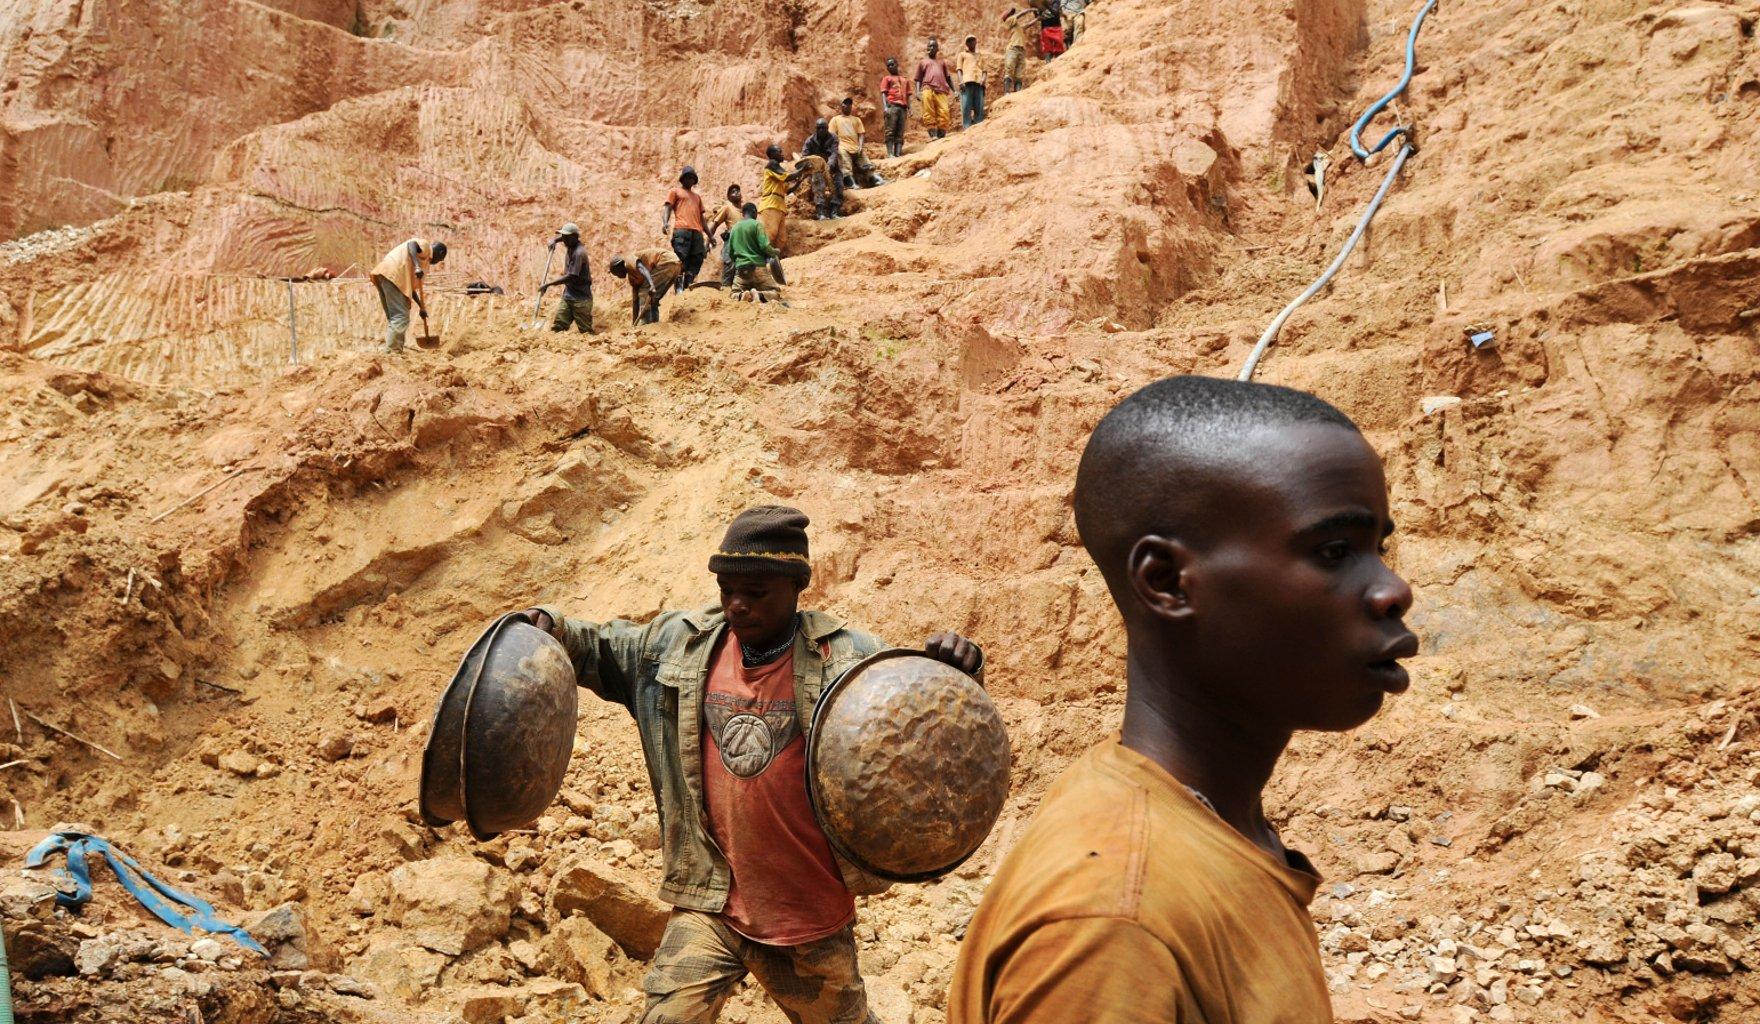 Porno Ralle beim Afro Schlampe benutzen im Kongo